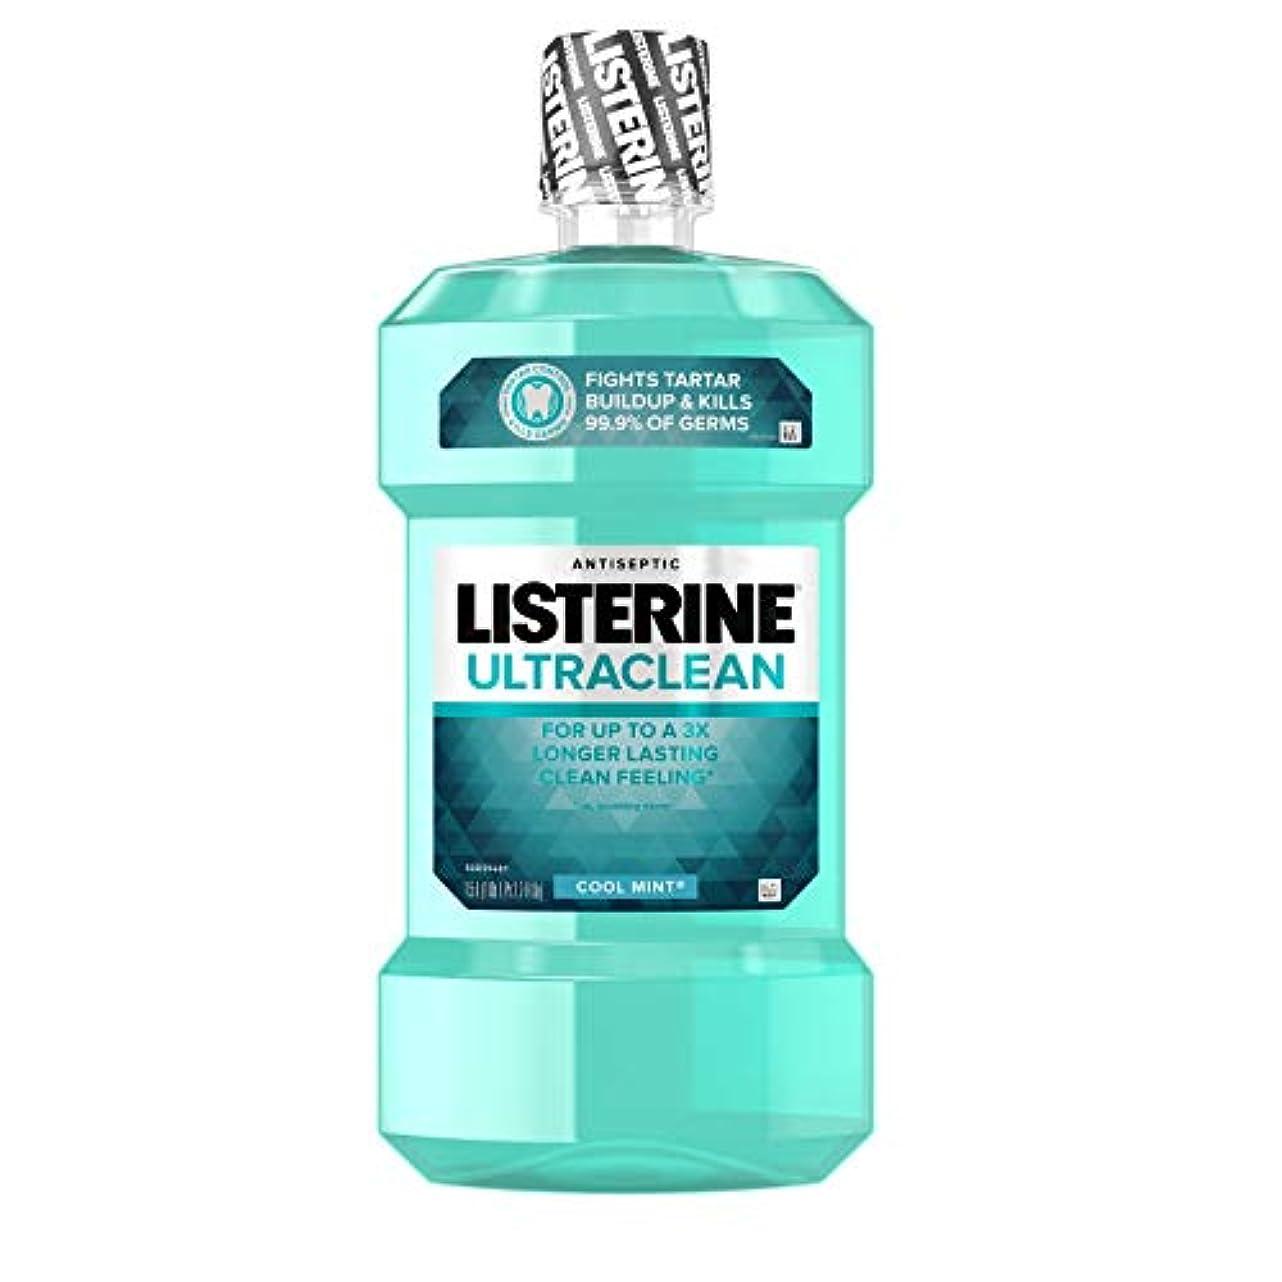 句読点通知準備するListerine ウルトラクリーンEverfresh技術とオーラルケア消毒うがい薬1.5 L、ミントクール、口臭、歯肉炎、歯垢および歯石を戦うのを助けるために、6パック